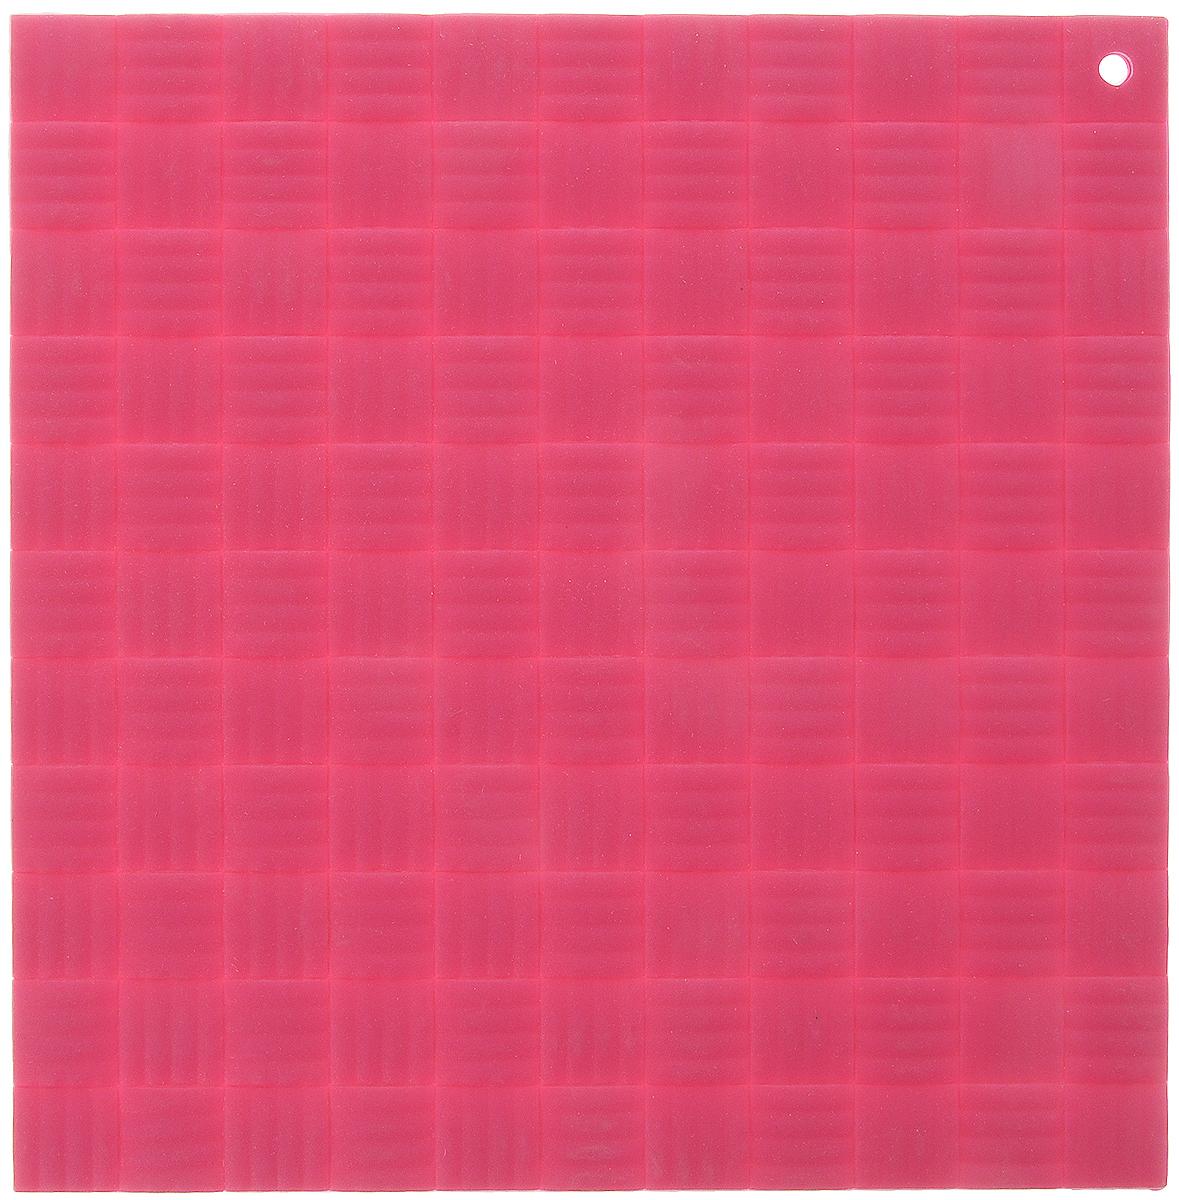 Подставка под горячее Paterra, силиконовая, цвет: малиновый, 17,5 х 17,5 см подставка под горячее paterra силиконовая цвет малиновый 17 5 х 17 5 см